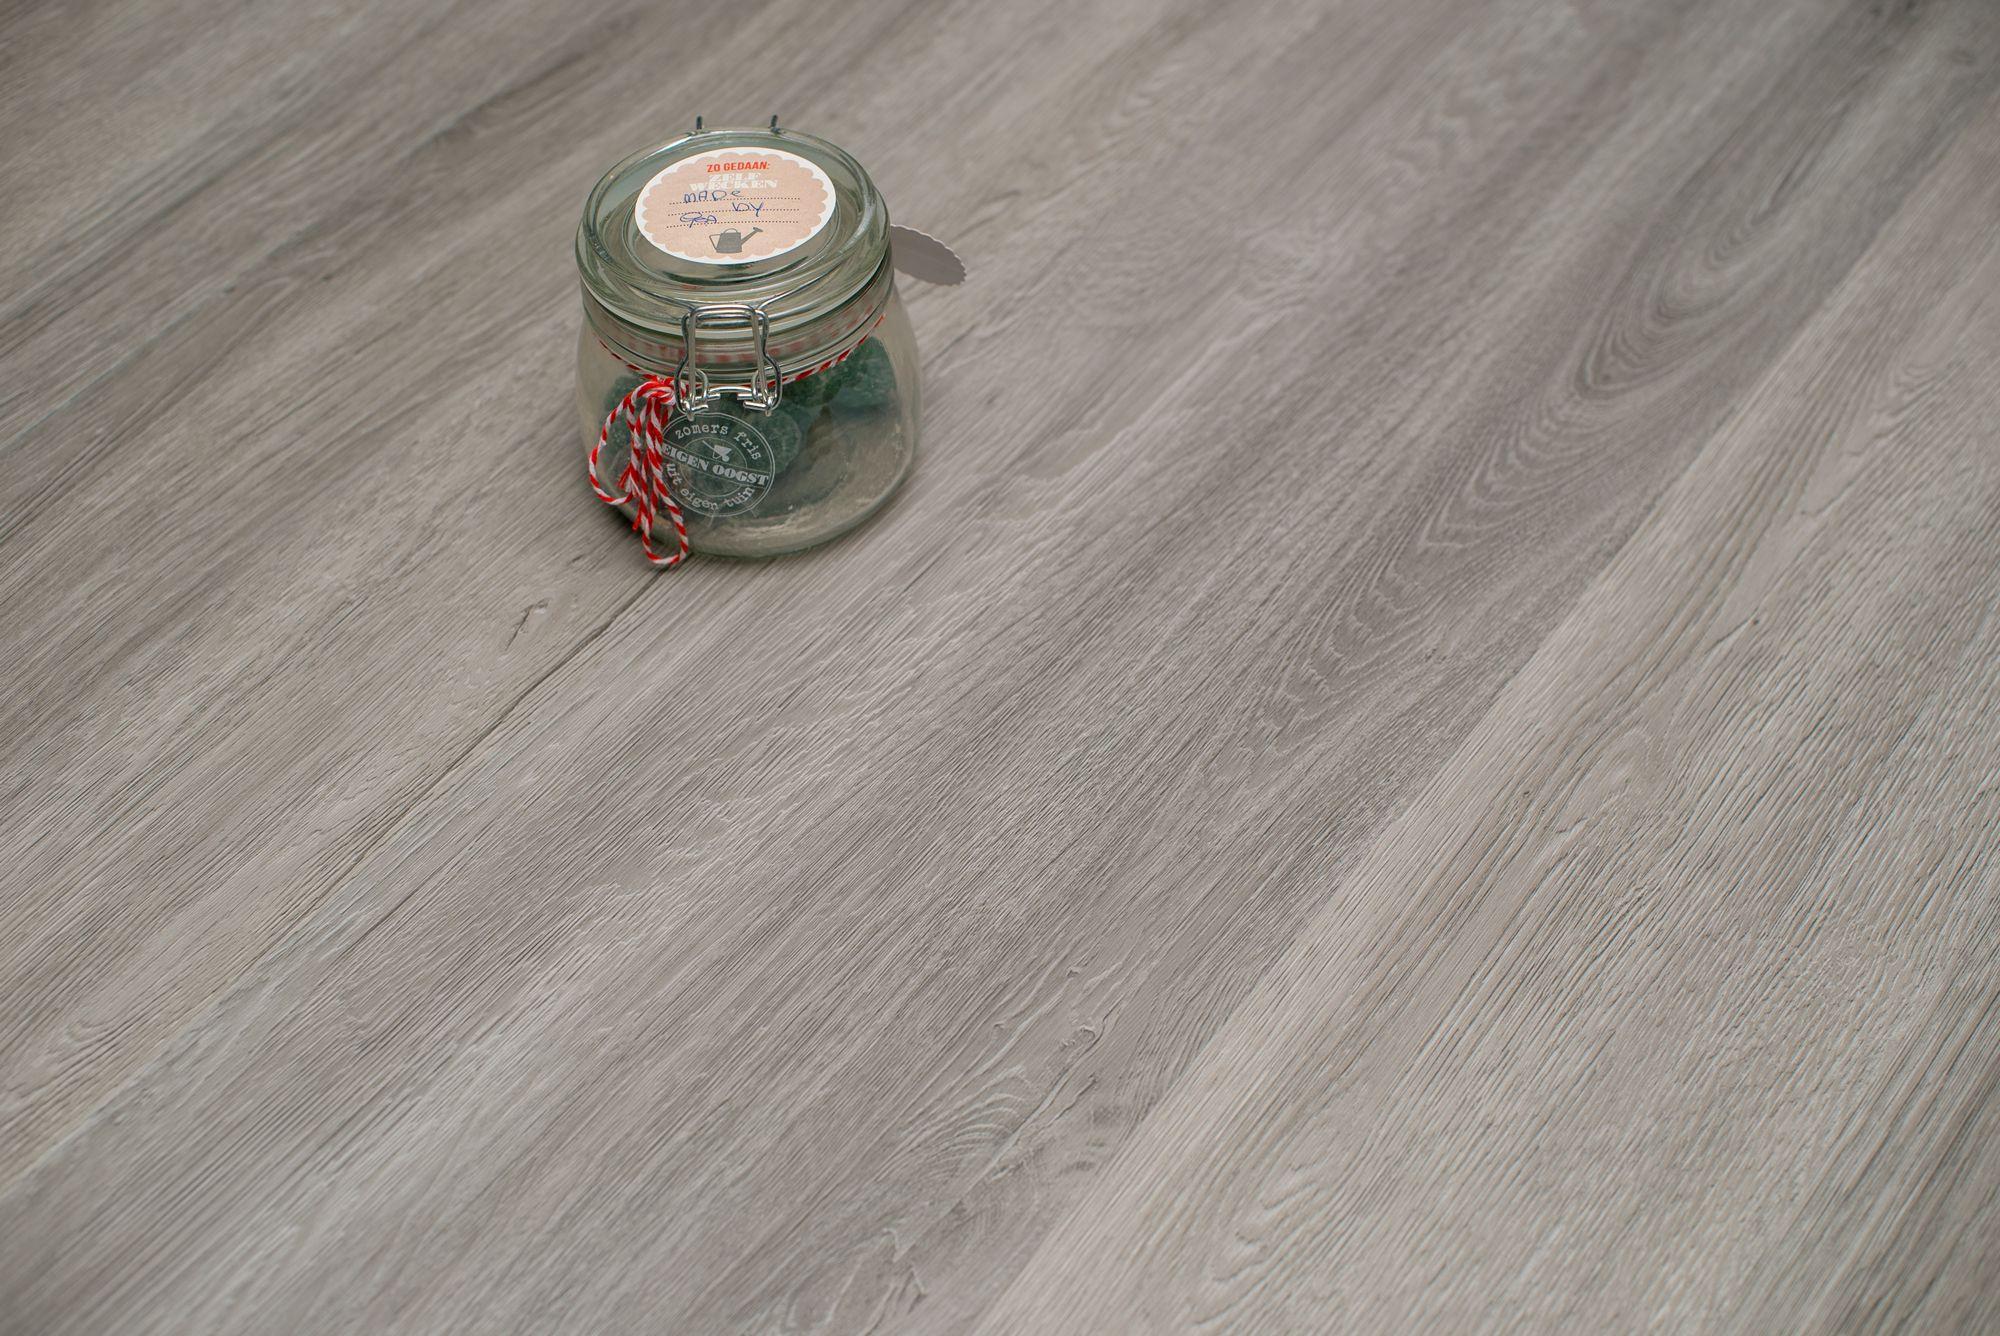 Floer stroken pvc vloer planken emmen licht bruin eiken vloeren